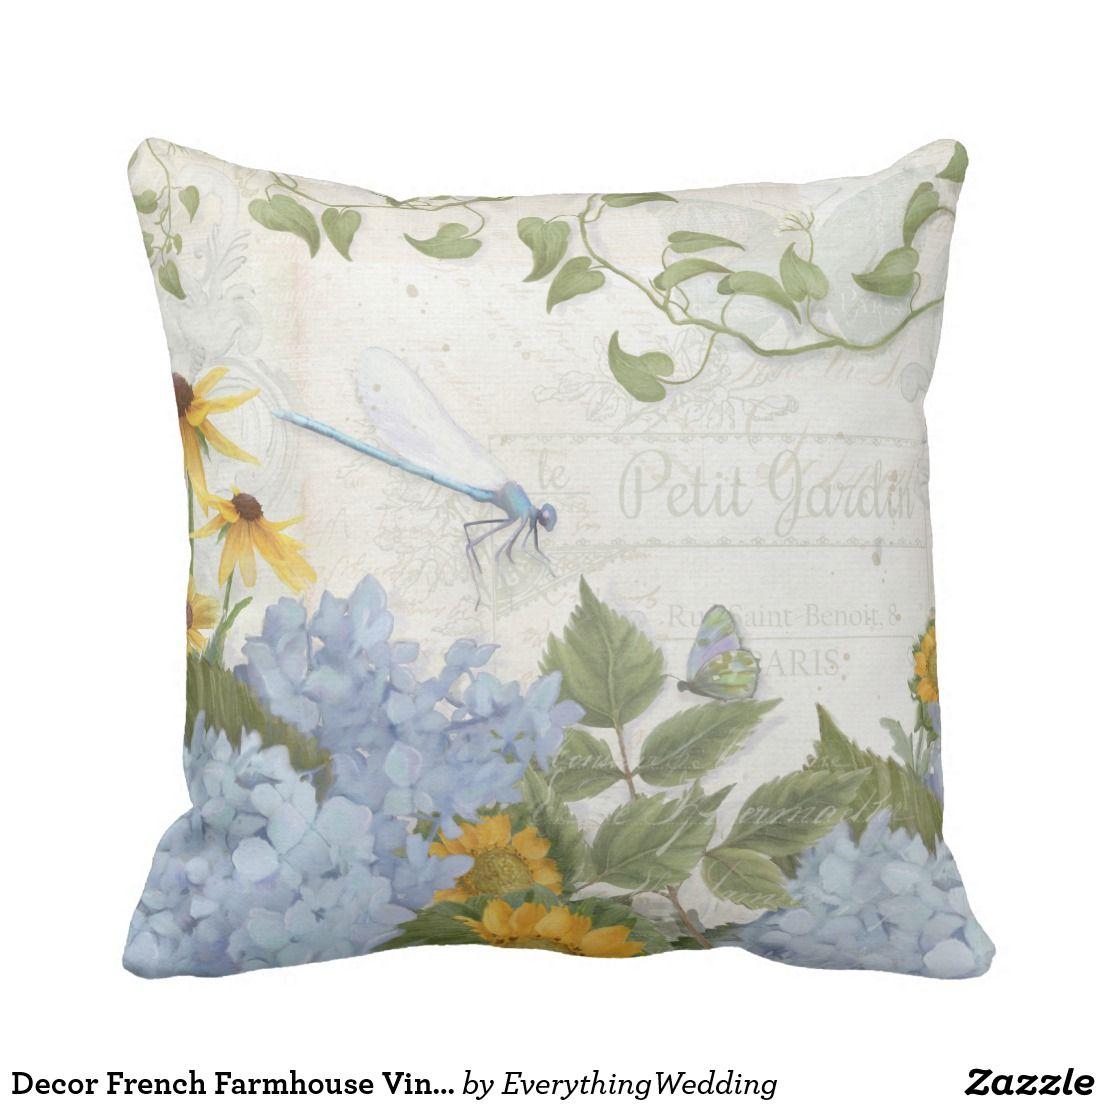 22 Vintage Floral Throw Pillows Ideas Throw Pillows Pillows Floral Throw Pillows